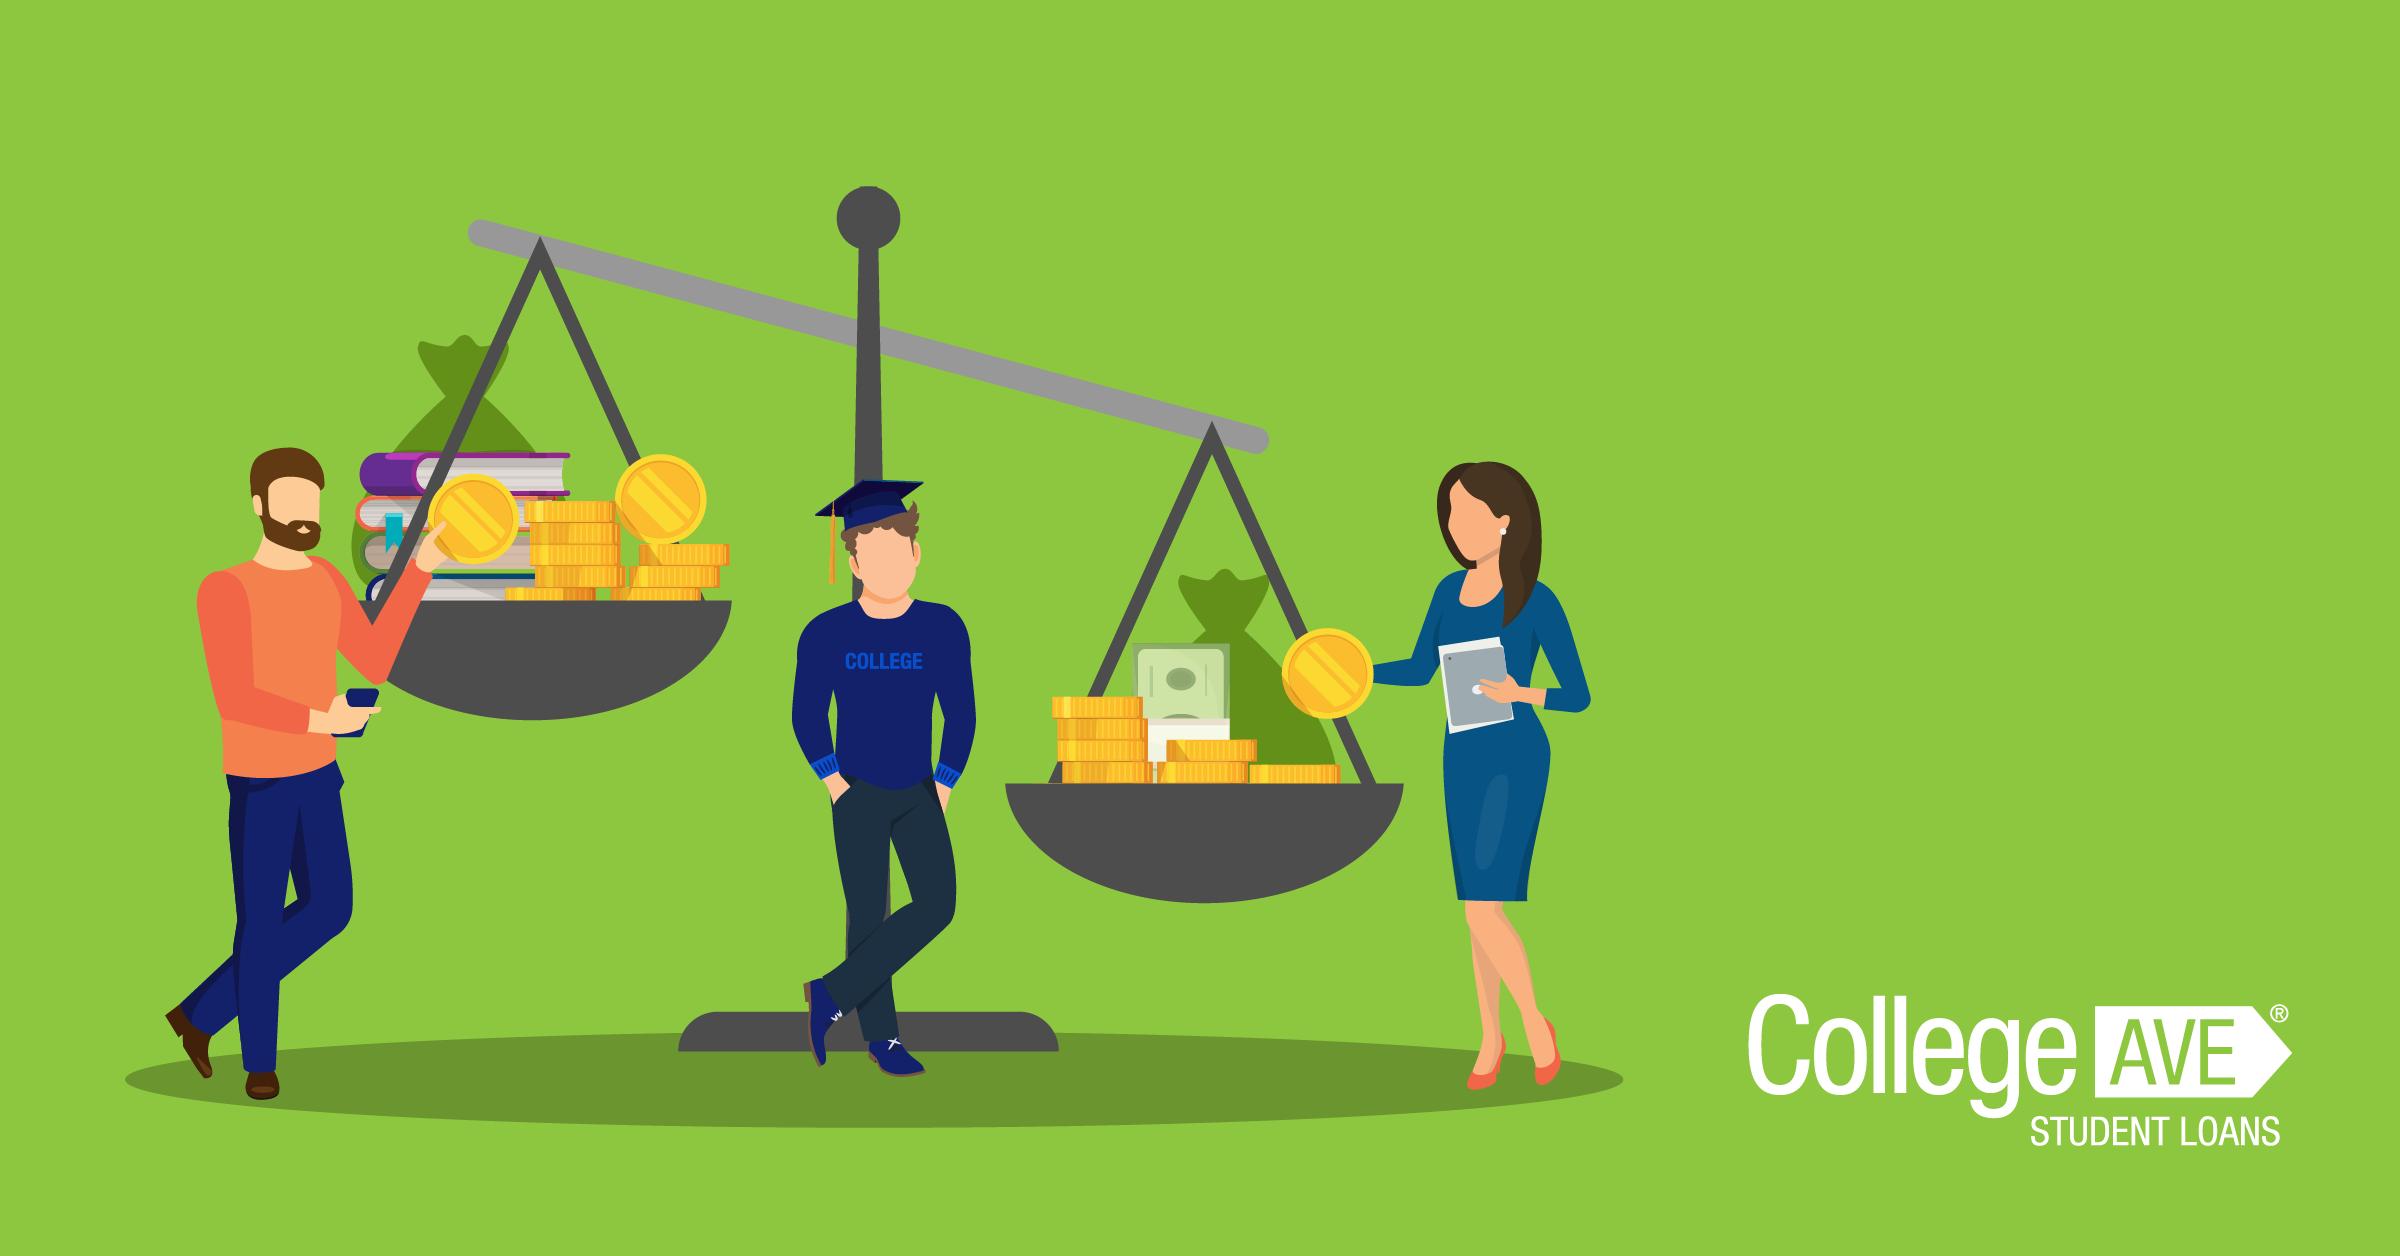 Équilibrer l'épargne pour la retraite et le paiement des études collégiales